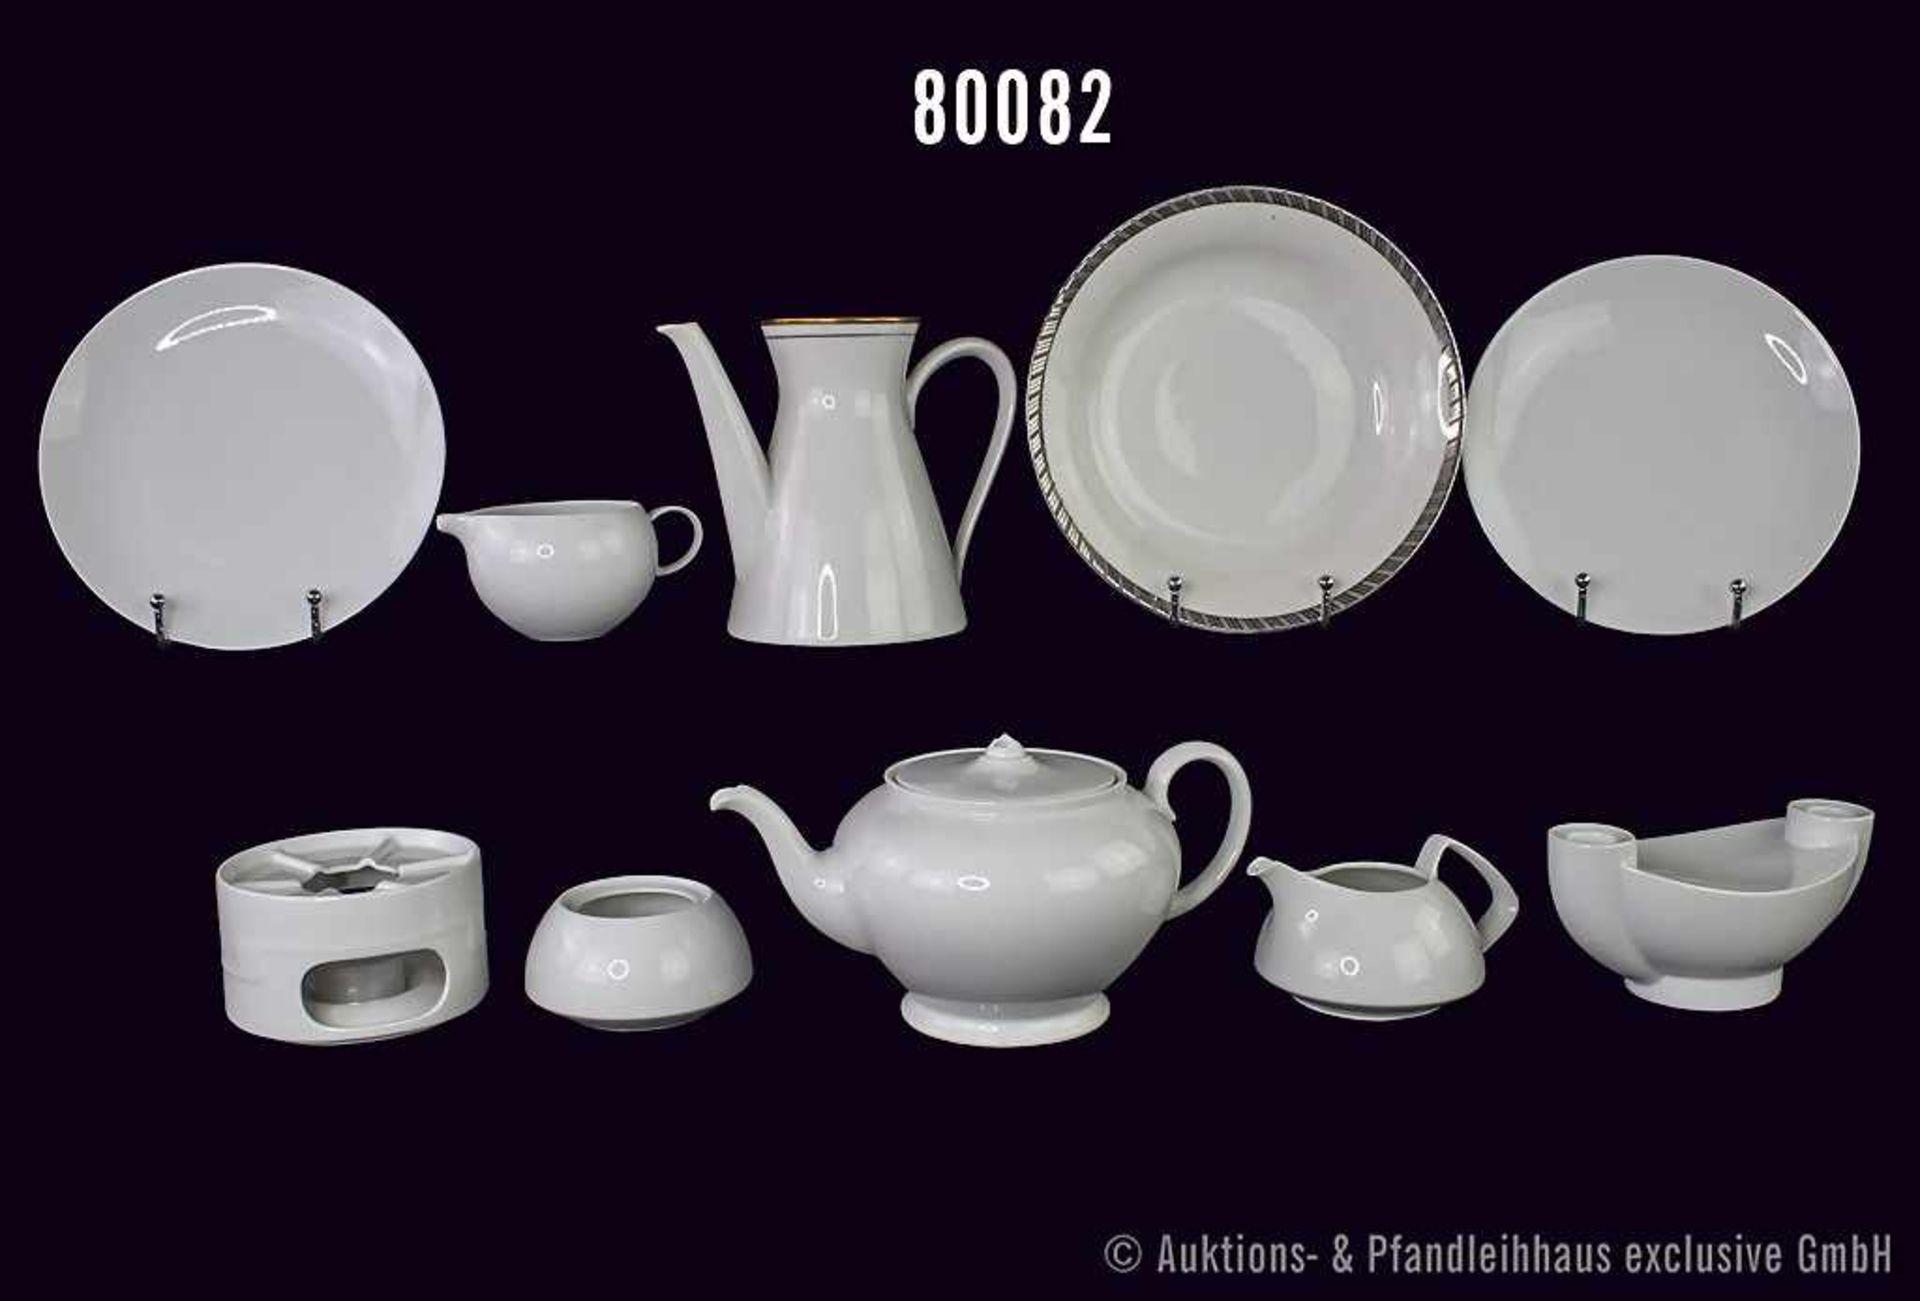 Konv. 19 Ersatzteile Rosenthal Porzellan, versch. Dekore, versch. Formen, u. a. TAC, dabei